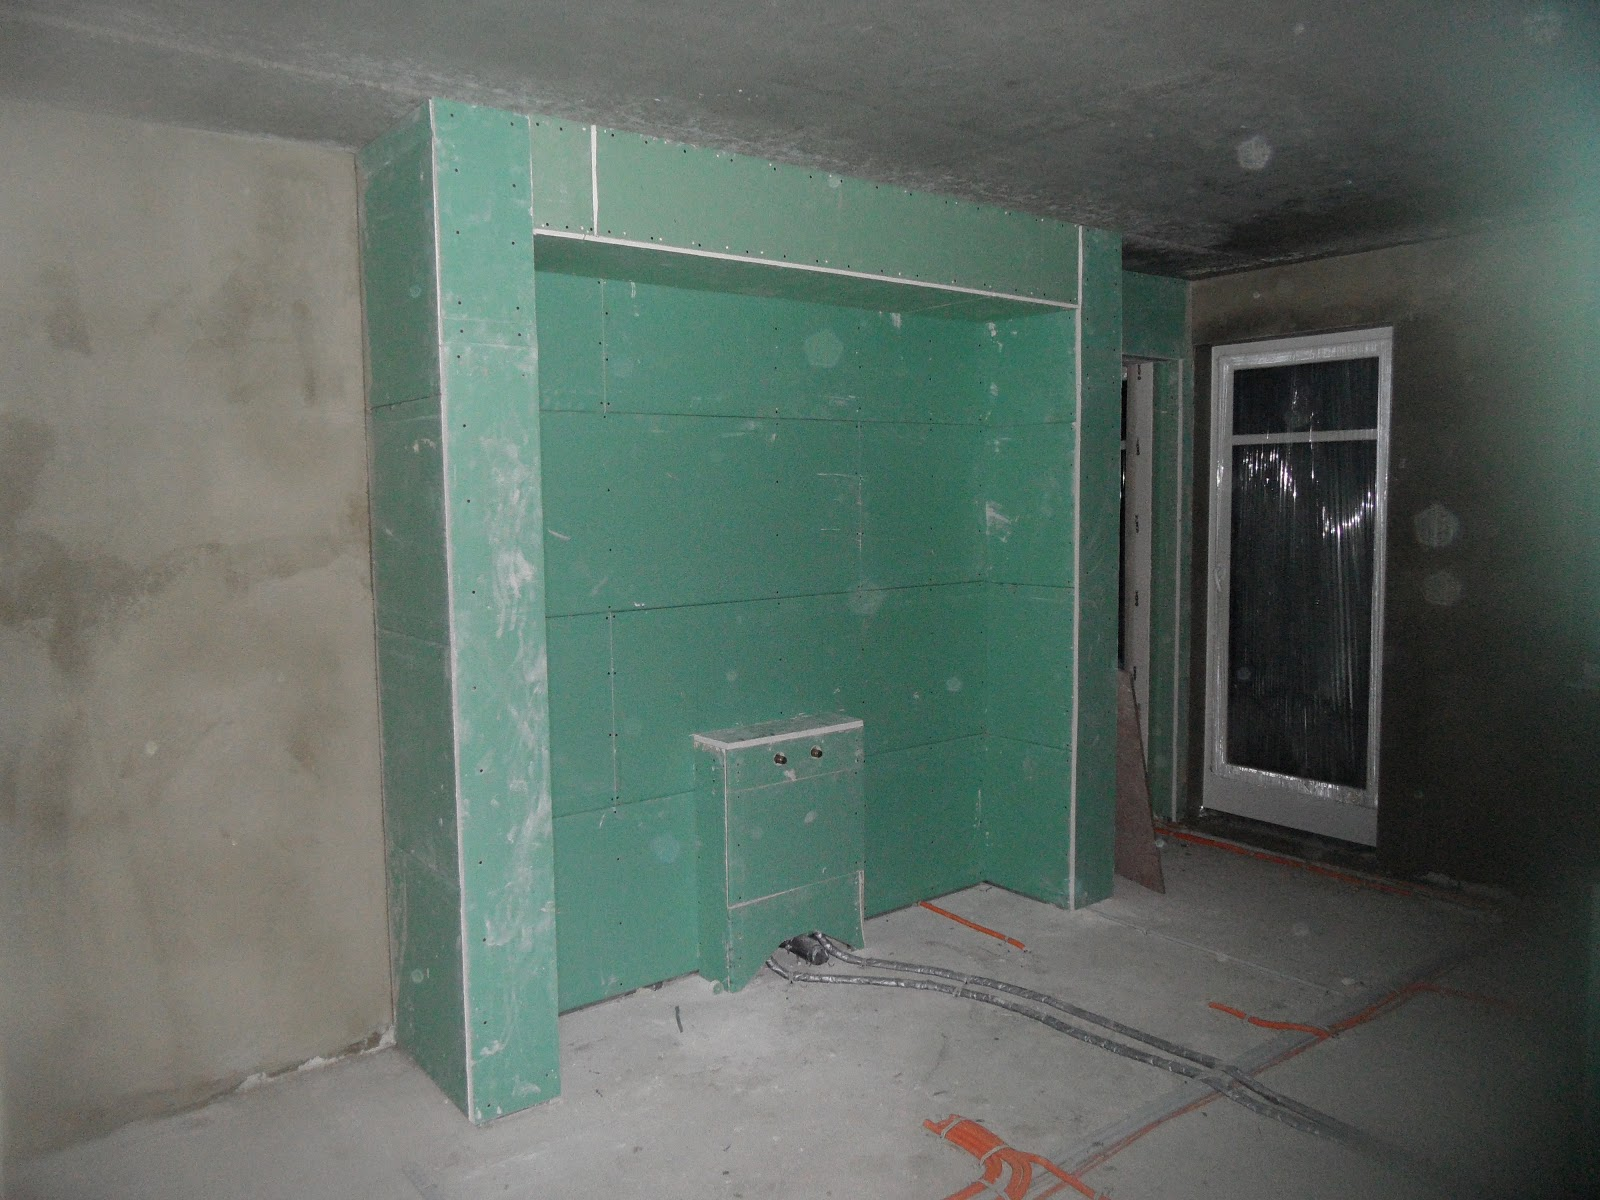 Vorwandelemente Bad Neu Haus Wc Vorwandelement Spulkasten Hange